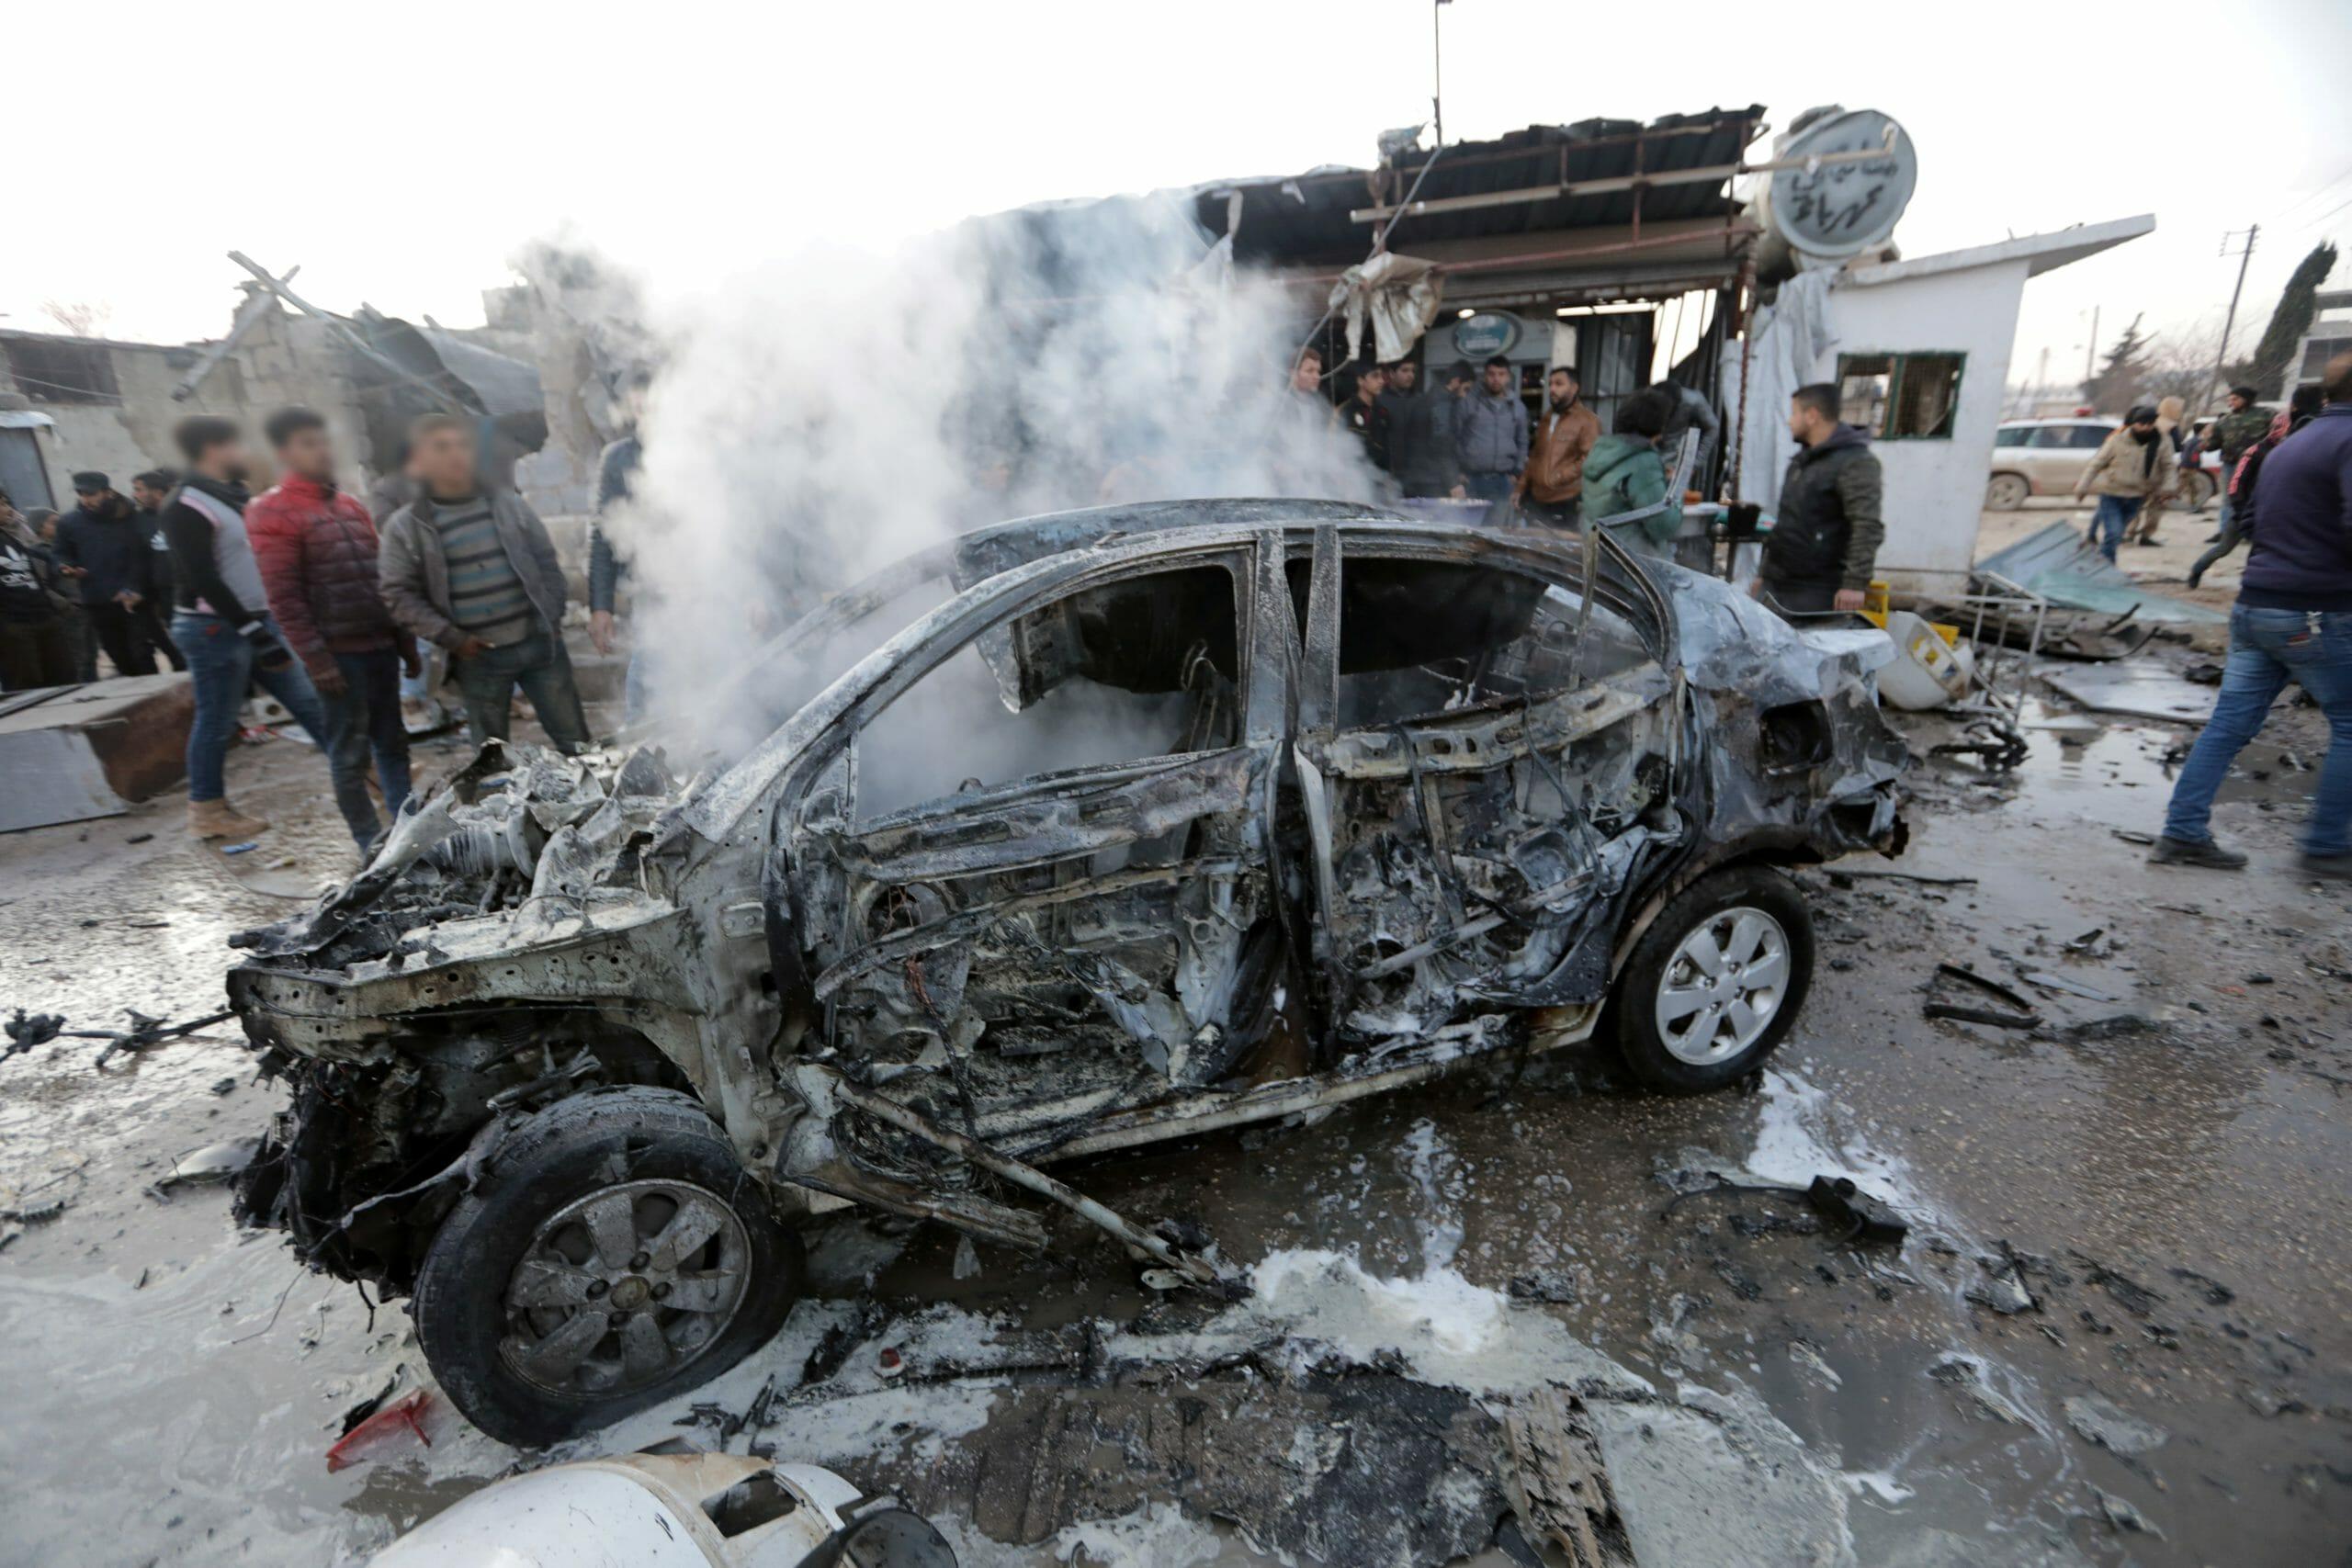 Πολλά θύματα από έκρηξη στα σύνορα της Συρίας με την Τουρκία